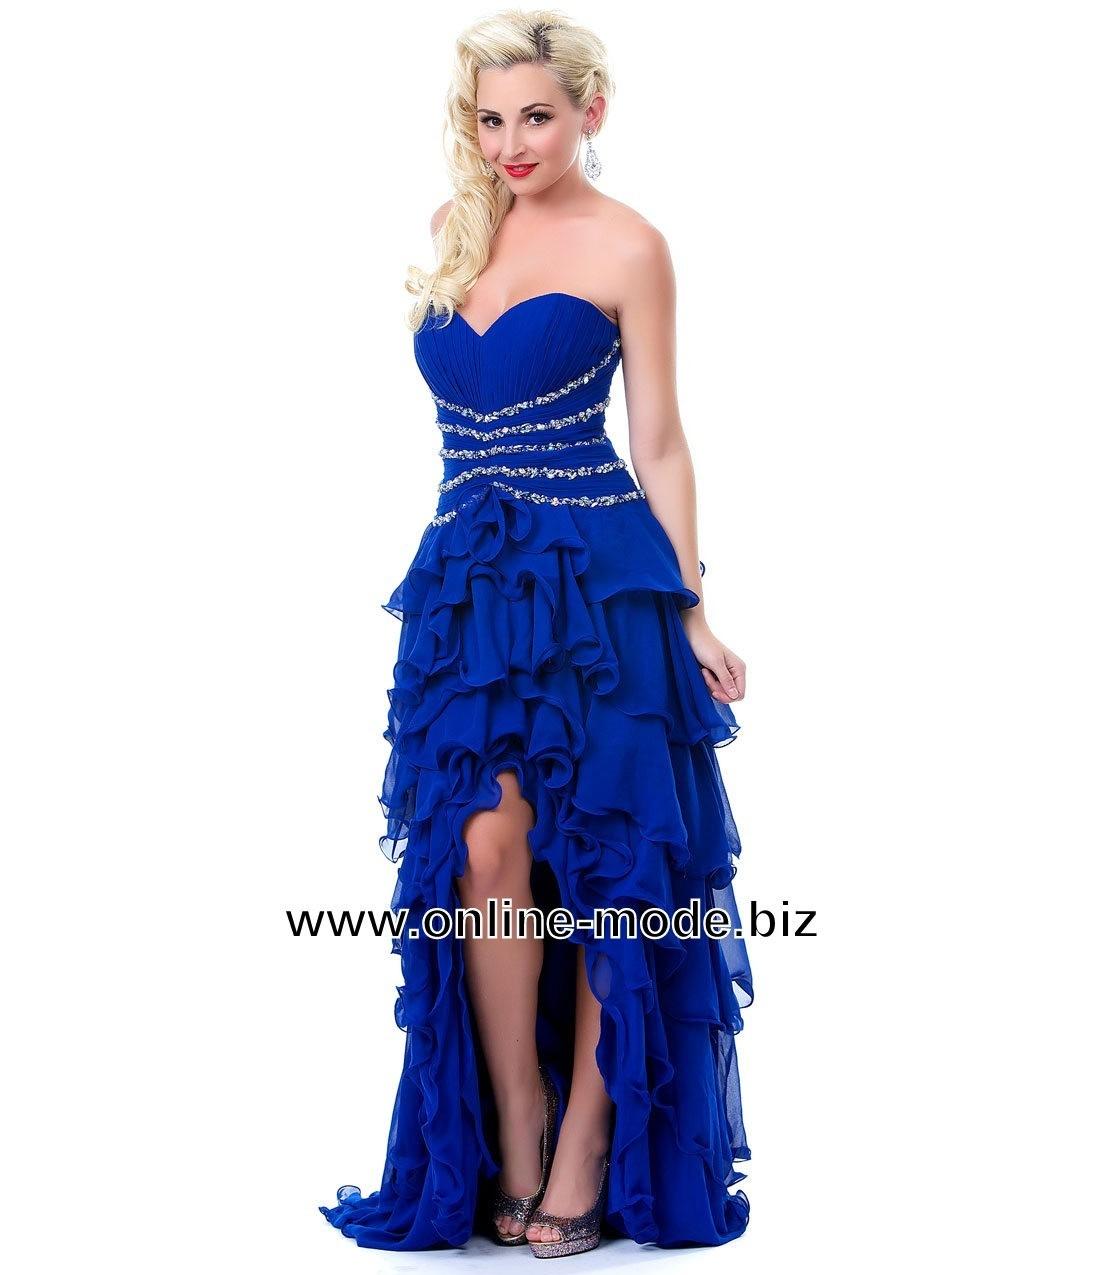 17 Ausgezeichnet Blaues Kleid Kurz Spezialgebiet13 Schön Blaues Kleid Kurz Spezialgebiet